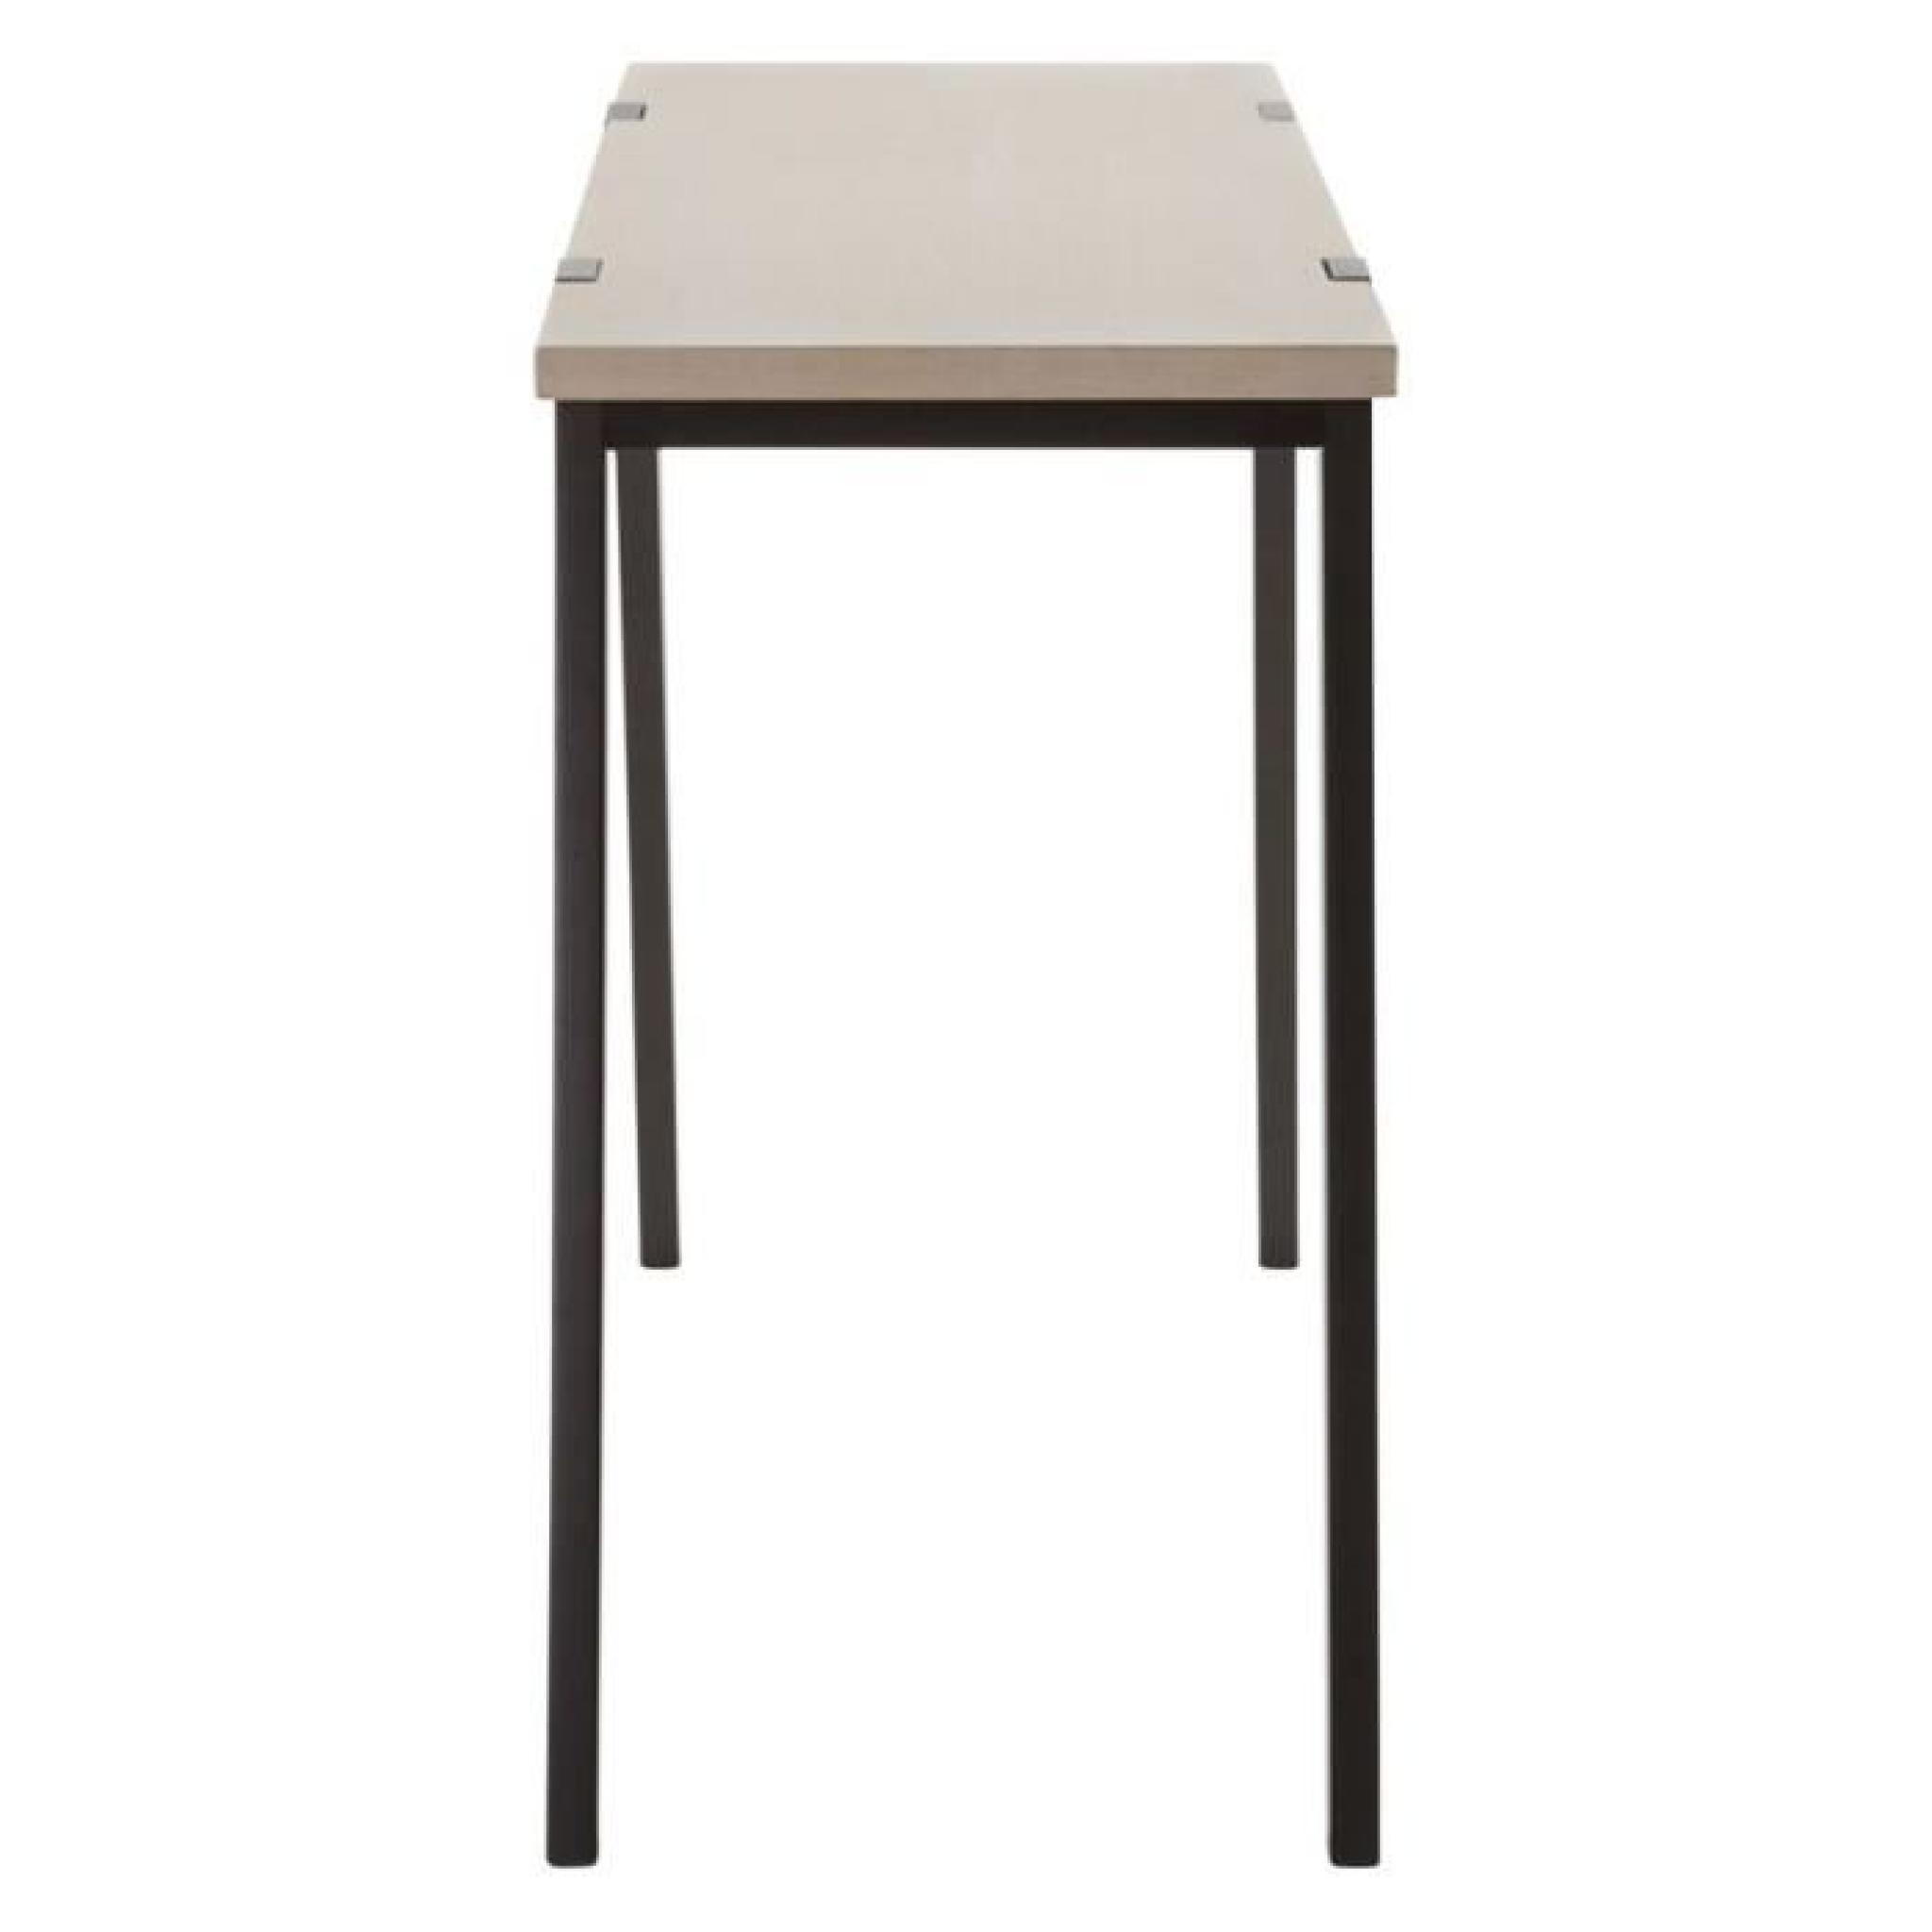 Table console 39 treto 39 design en bois ch ne achat vente - Table en chene massif pas cher ...